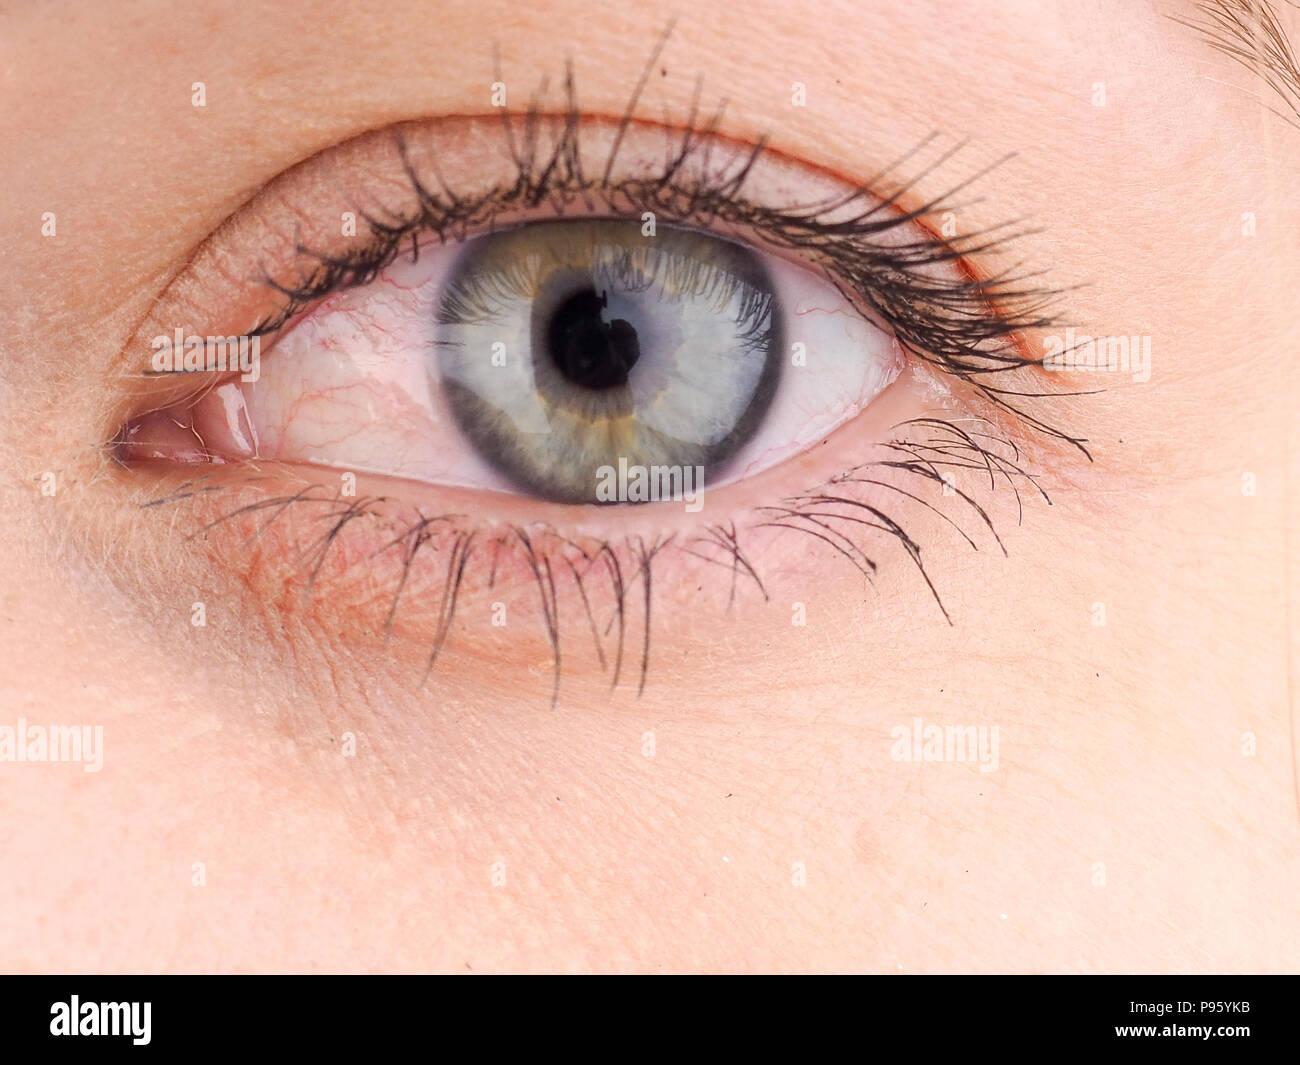 Cerca de los ojos, el ojo humano lateralmente,niña de ojos